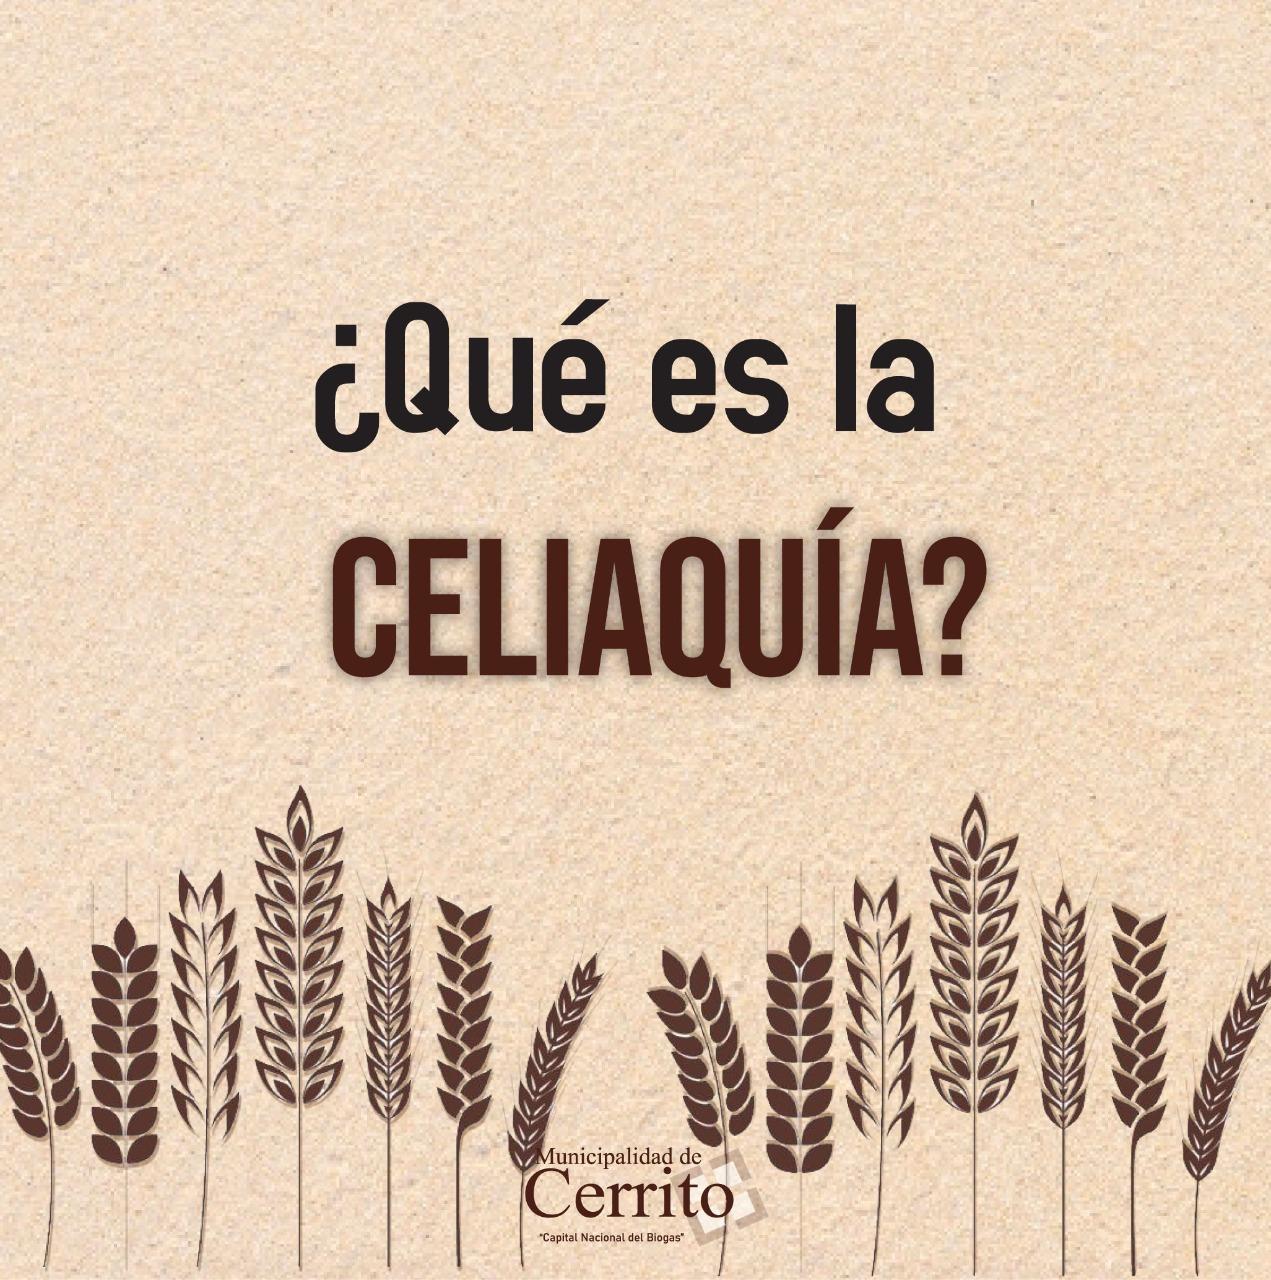 Hablemos de Celiaquía